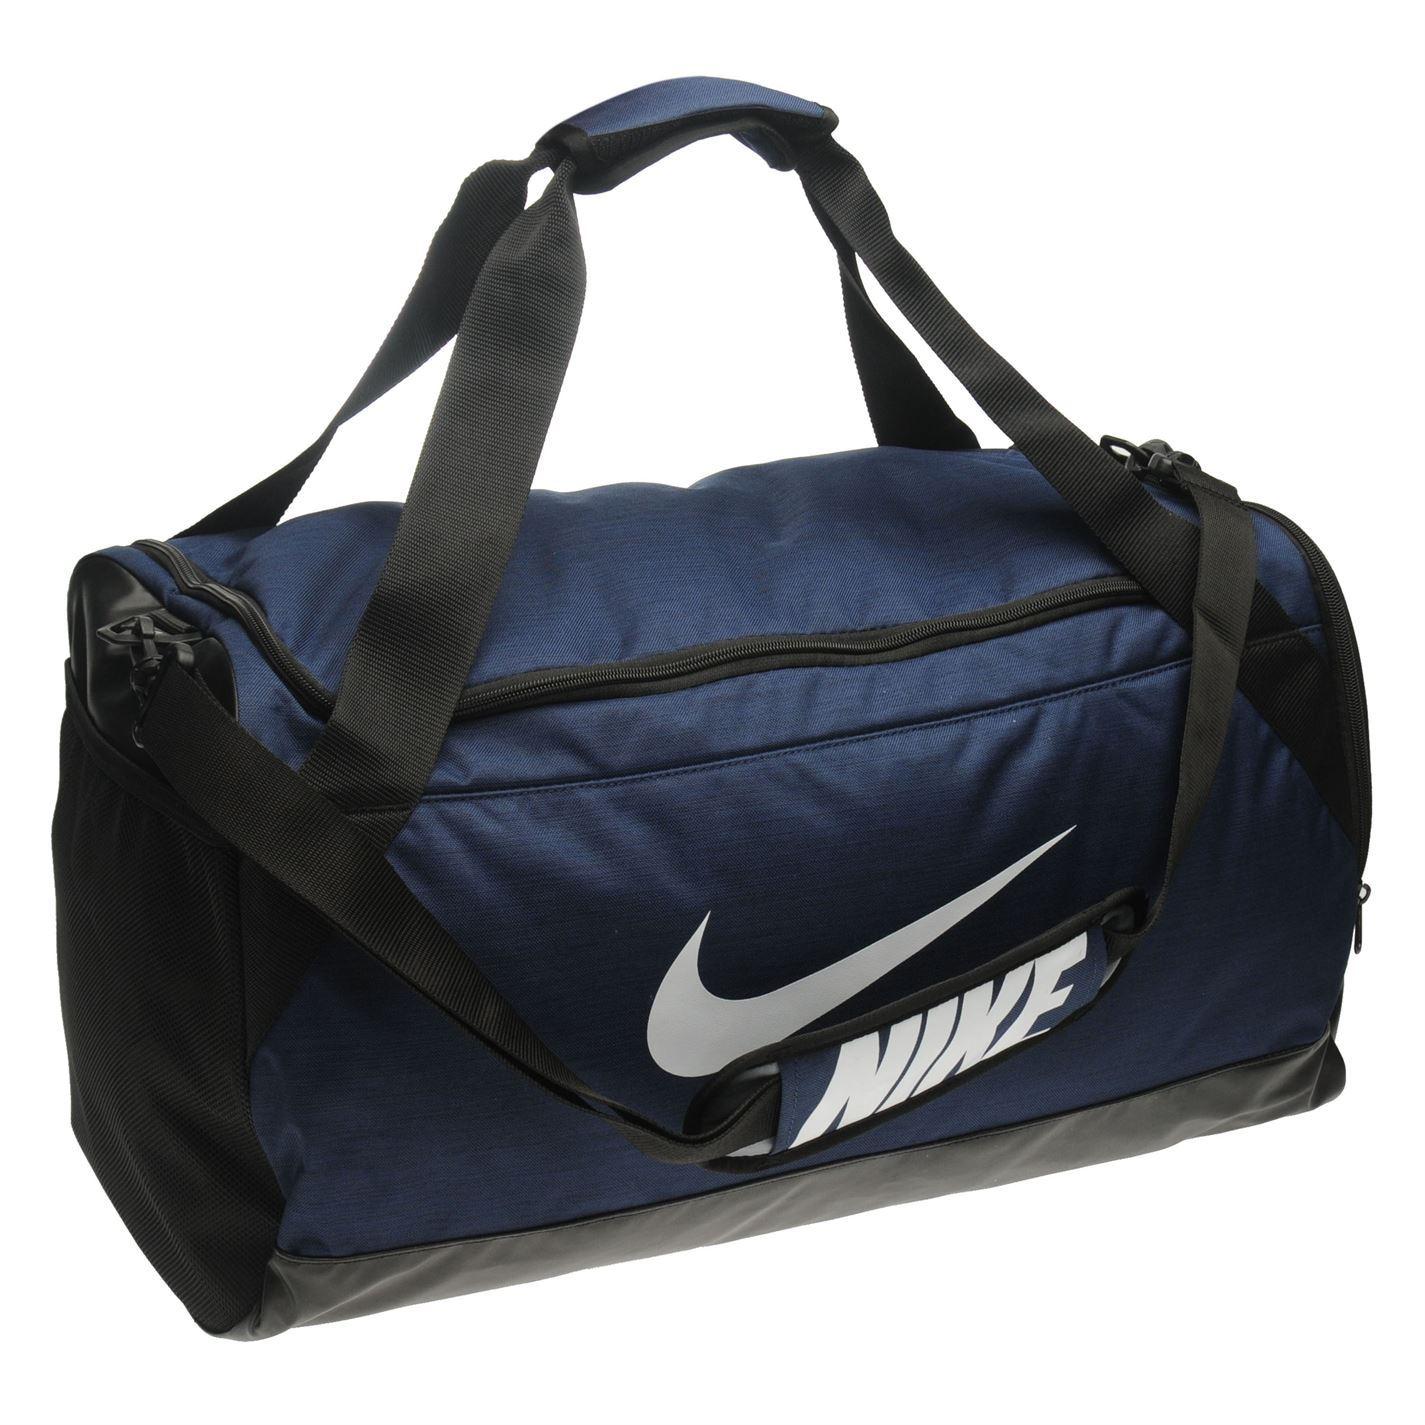 Details zu Nike Brasilia Beutel Holdalls Schuhtasche Rucksack Sports Seesack Sporttasche